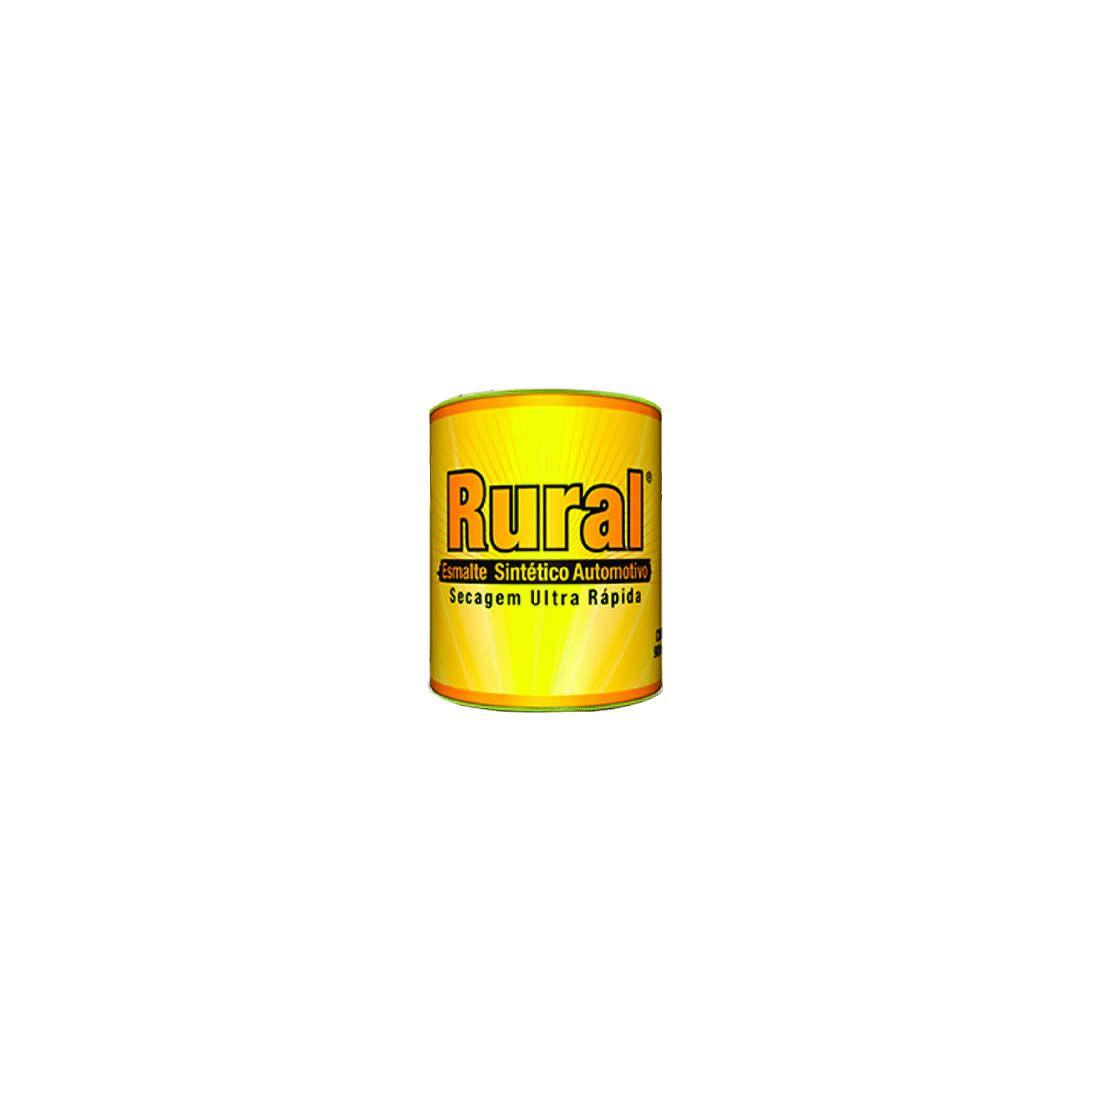 Esmalte Sintético Rural Secagem Ultra Rápido Ouro Imperial Metalizado 900ml